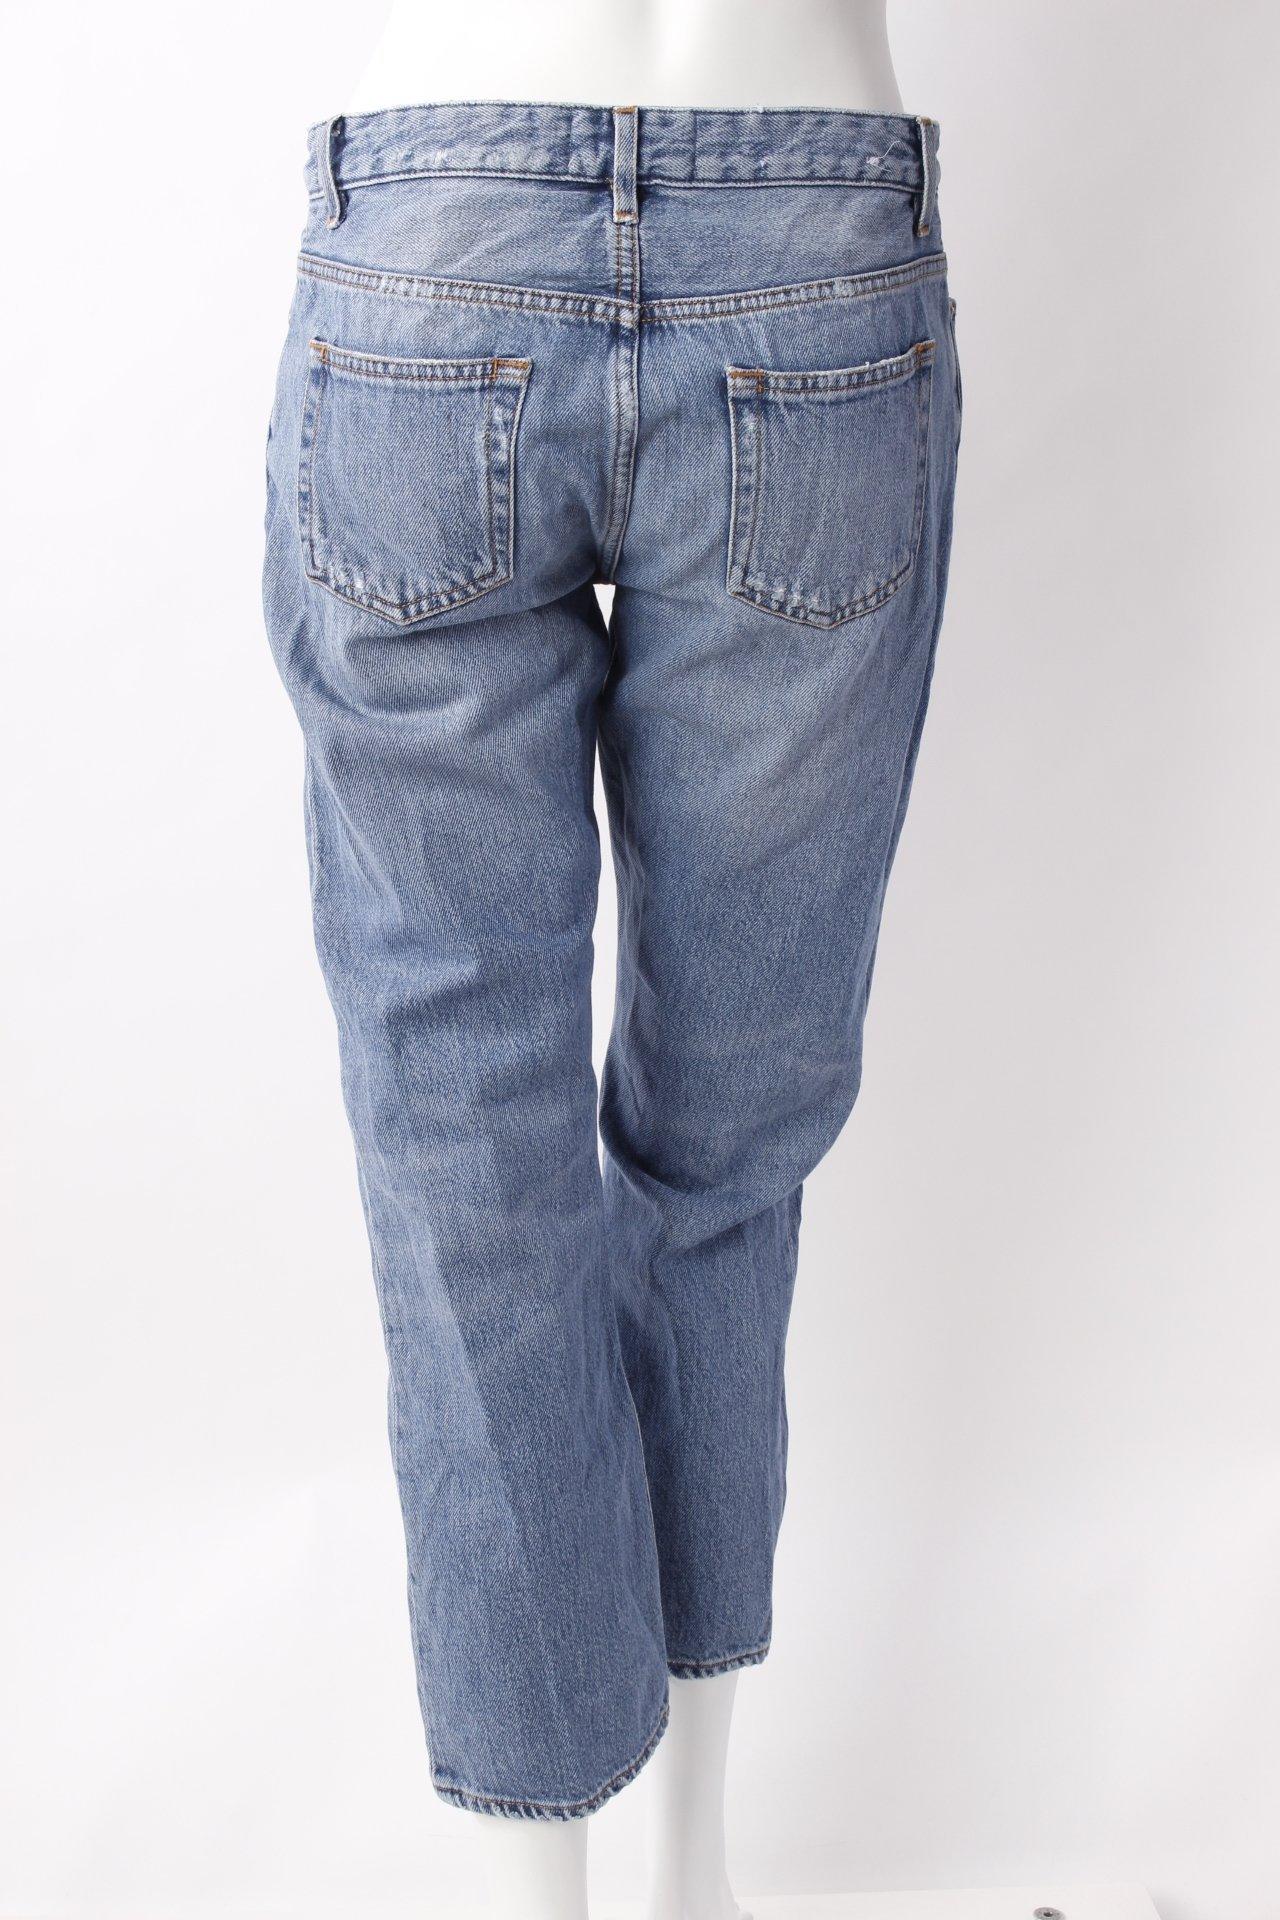 helle jeansjacke damen helle jeansjacke helle jeans. Black Bedroom Furniture Sets. Home Design Ideas